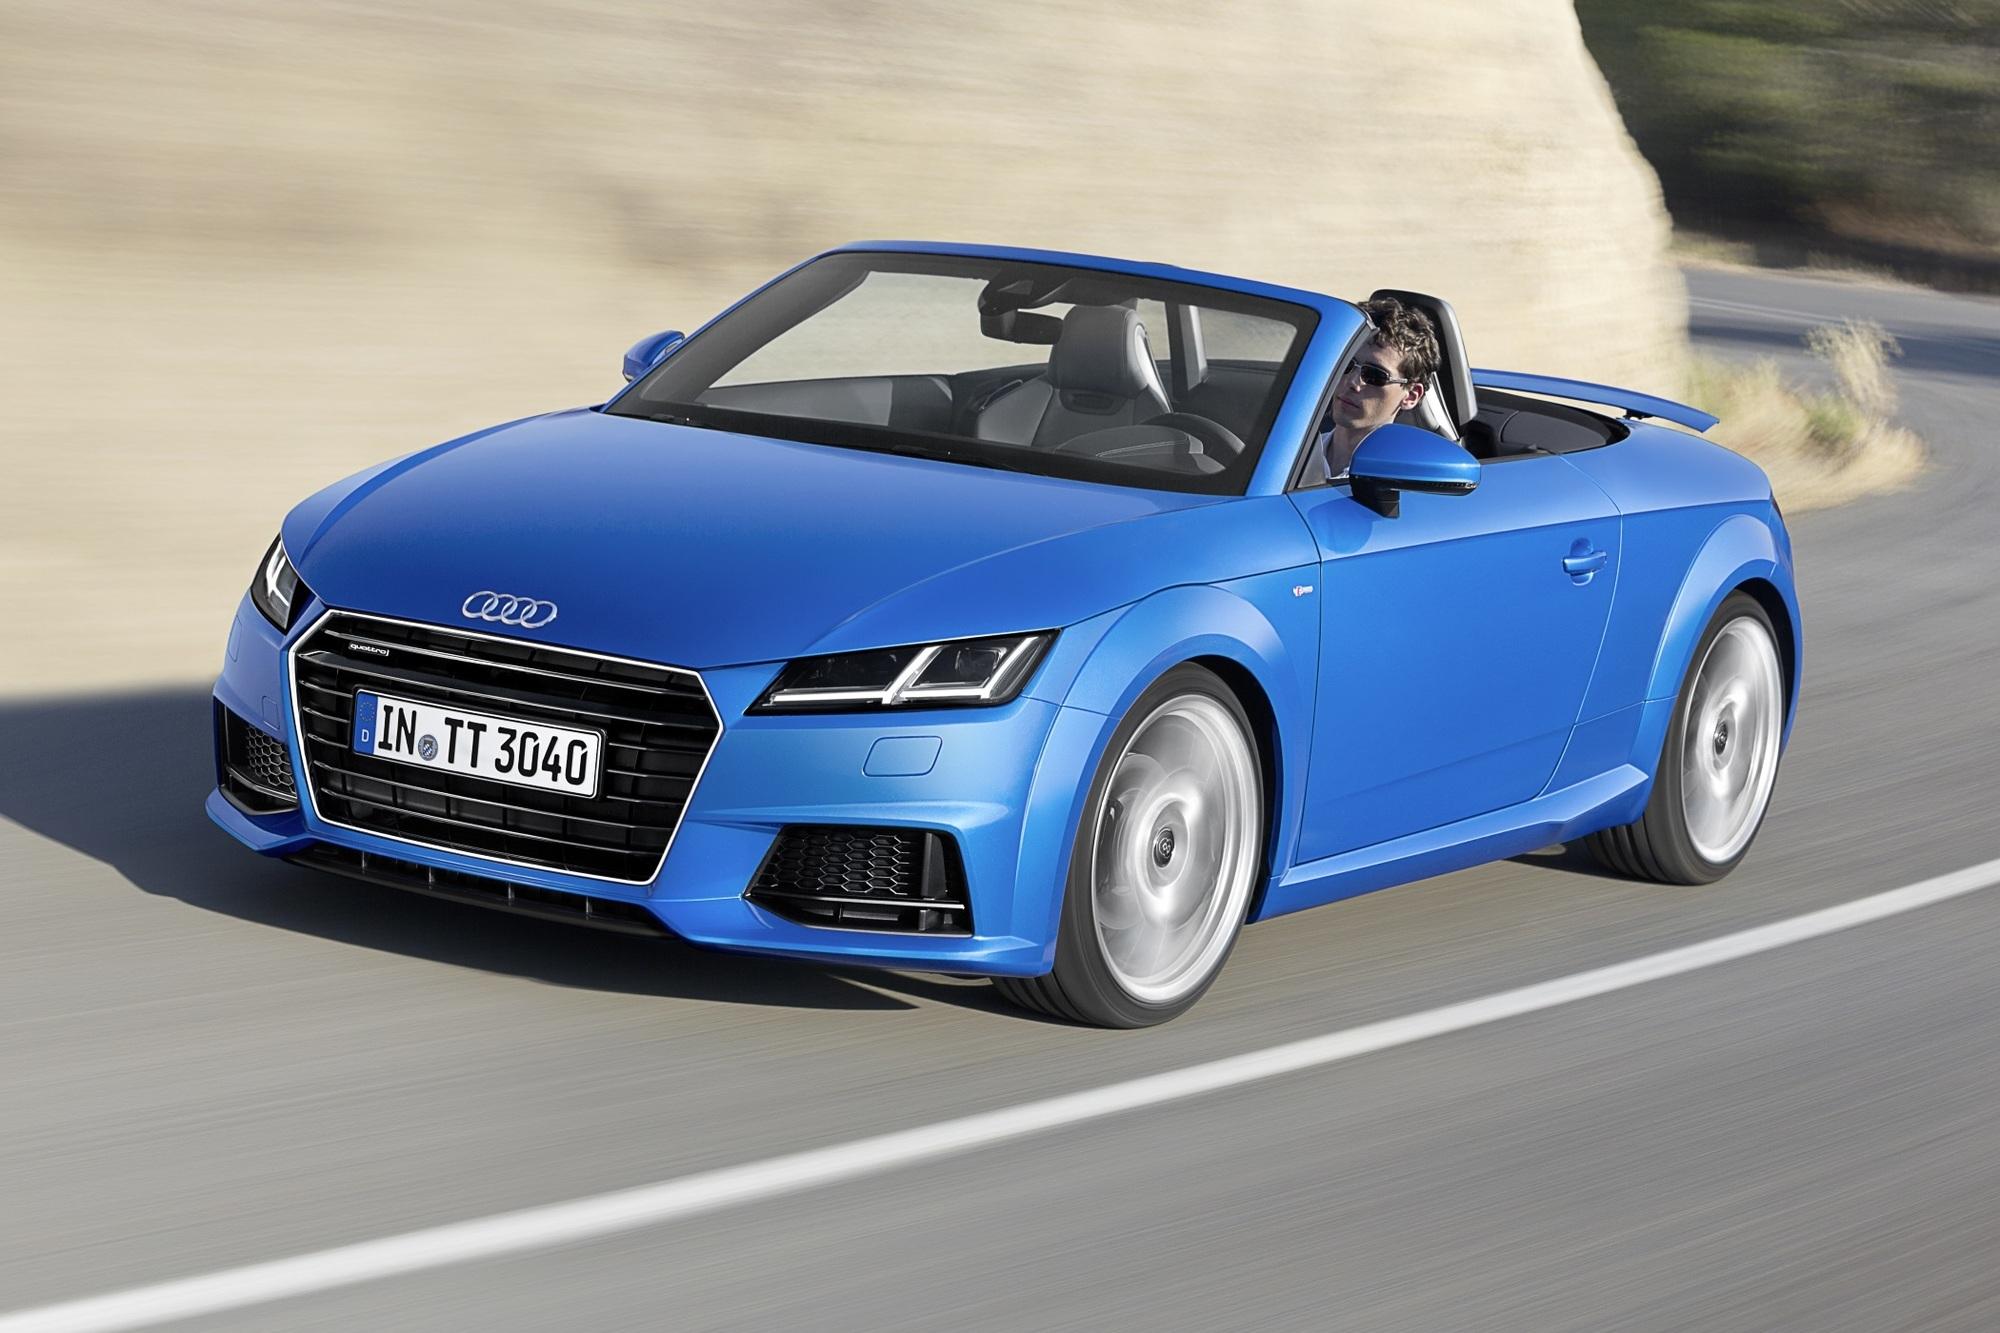 Fahrbericht: Audi TT Roadster - Ein bisschen Spaß muss sein